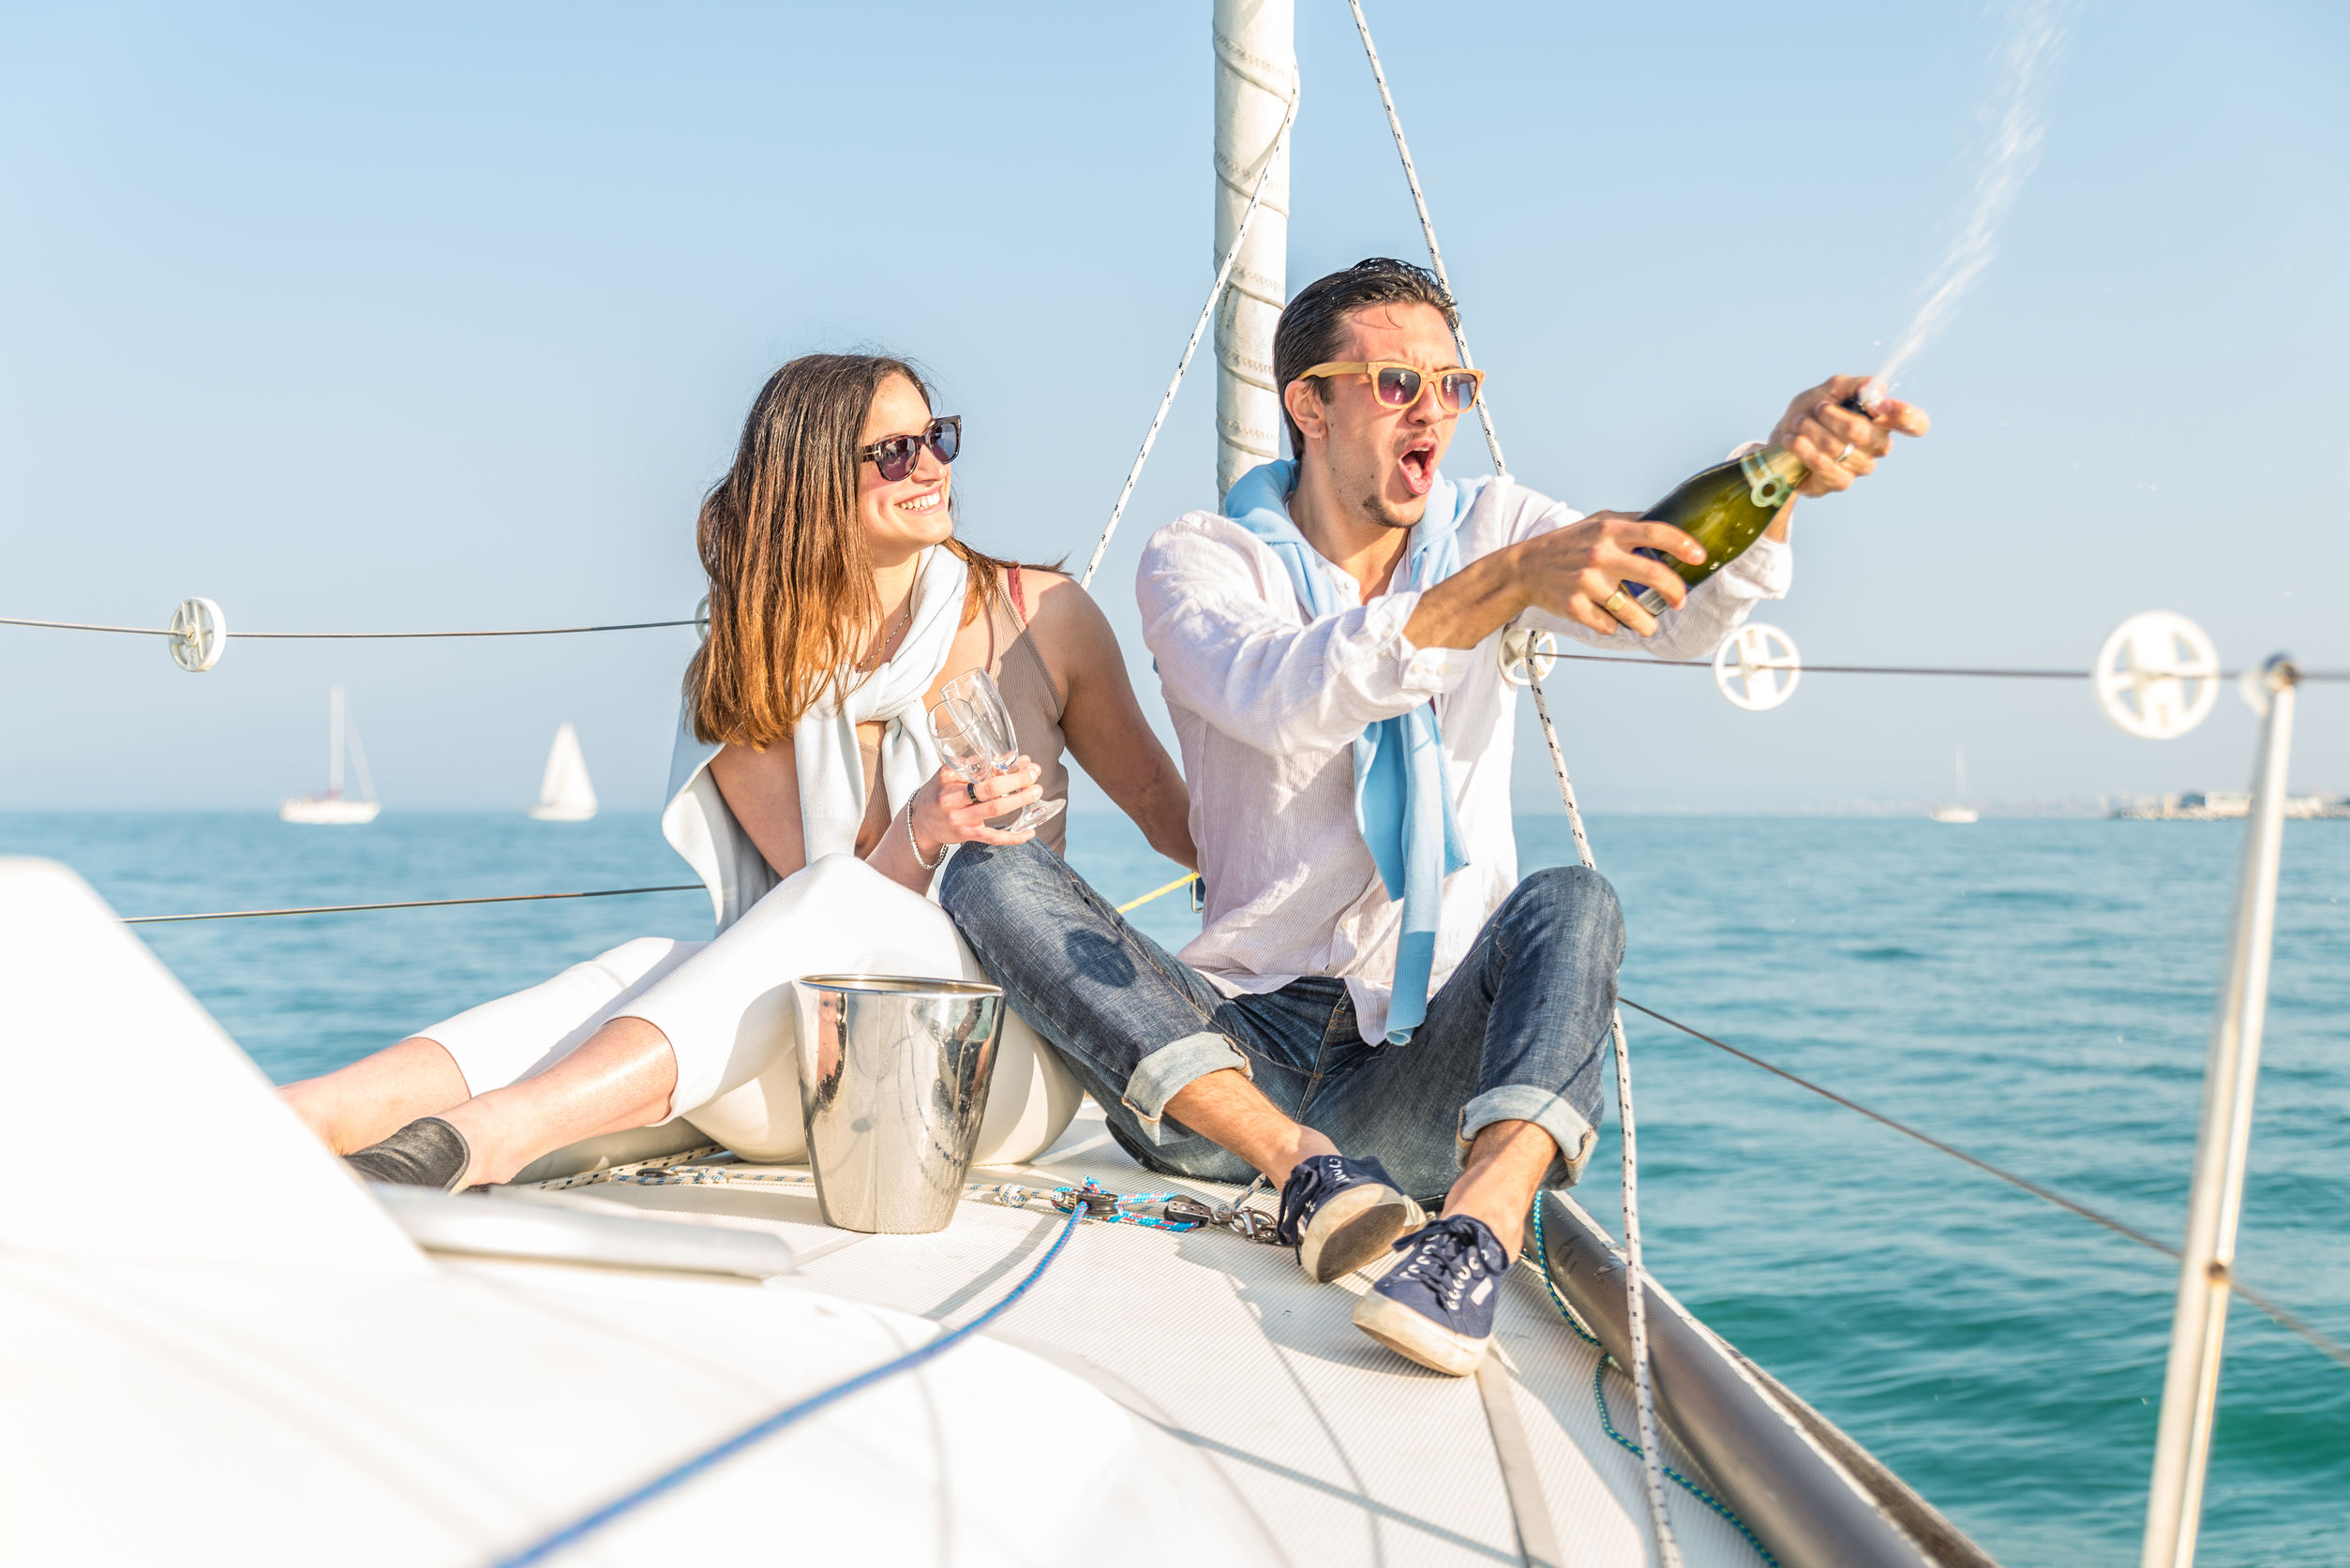 Couple celebrating on the boat